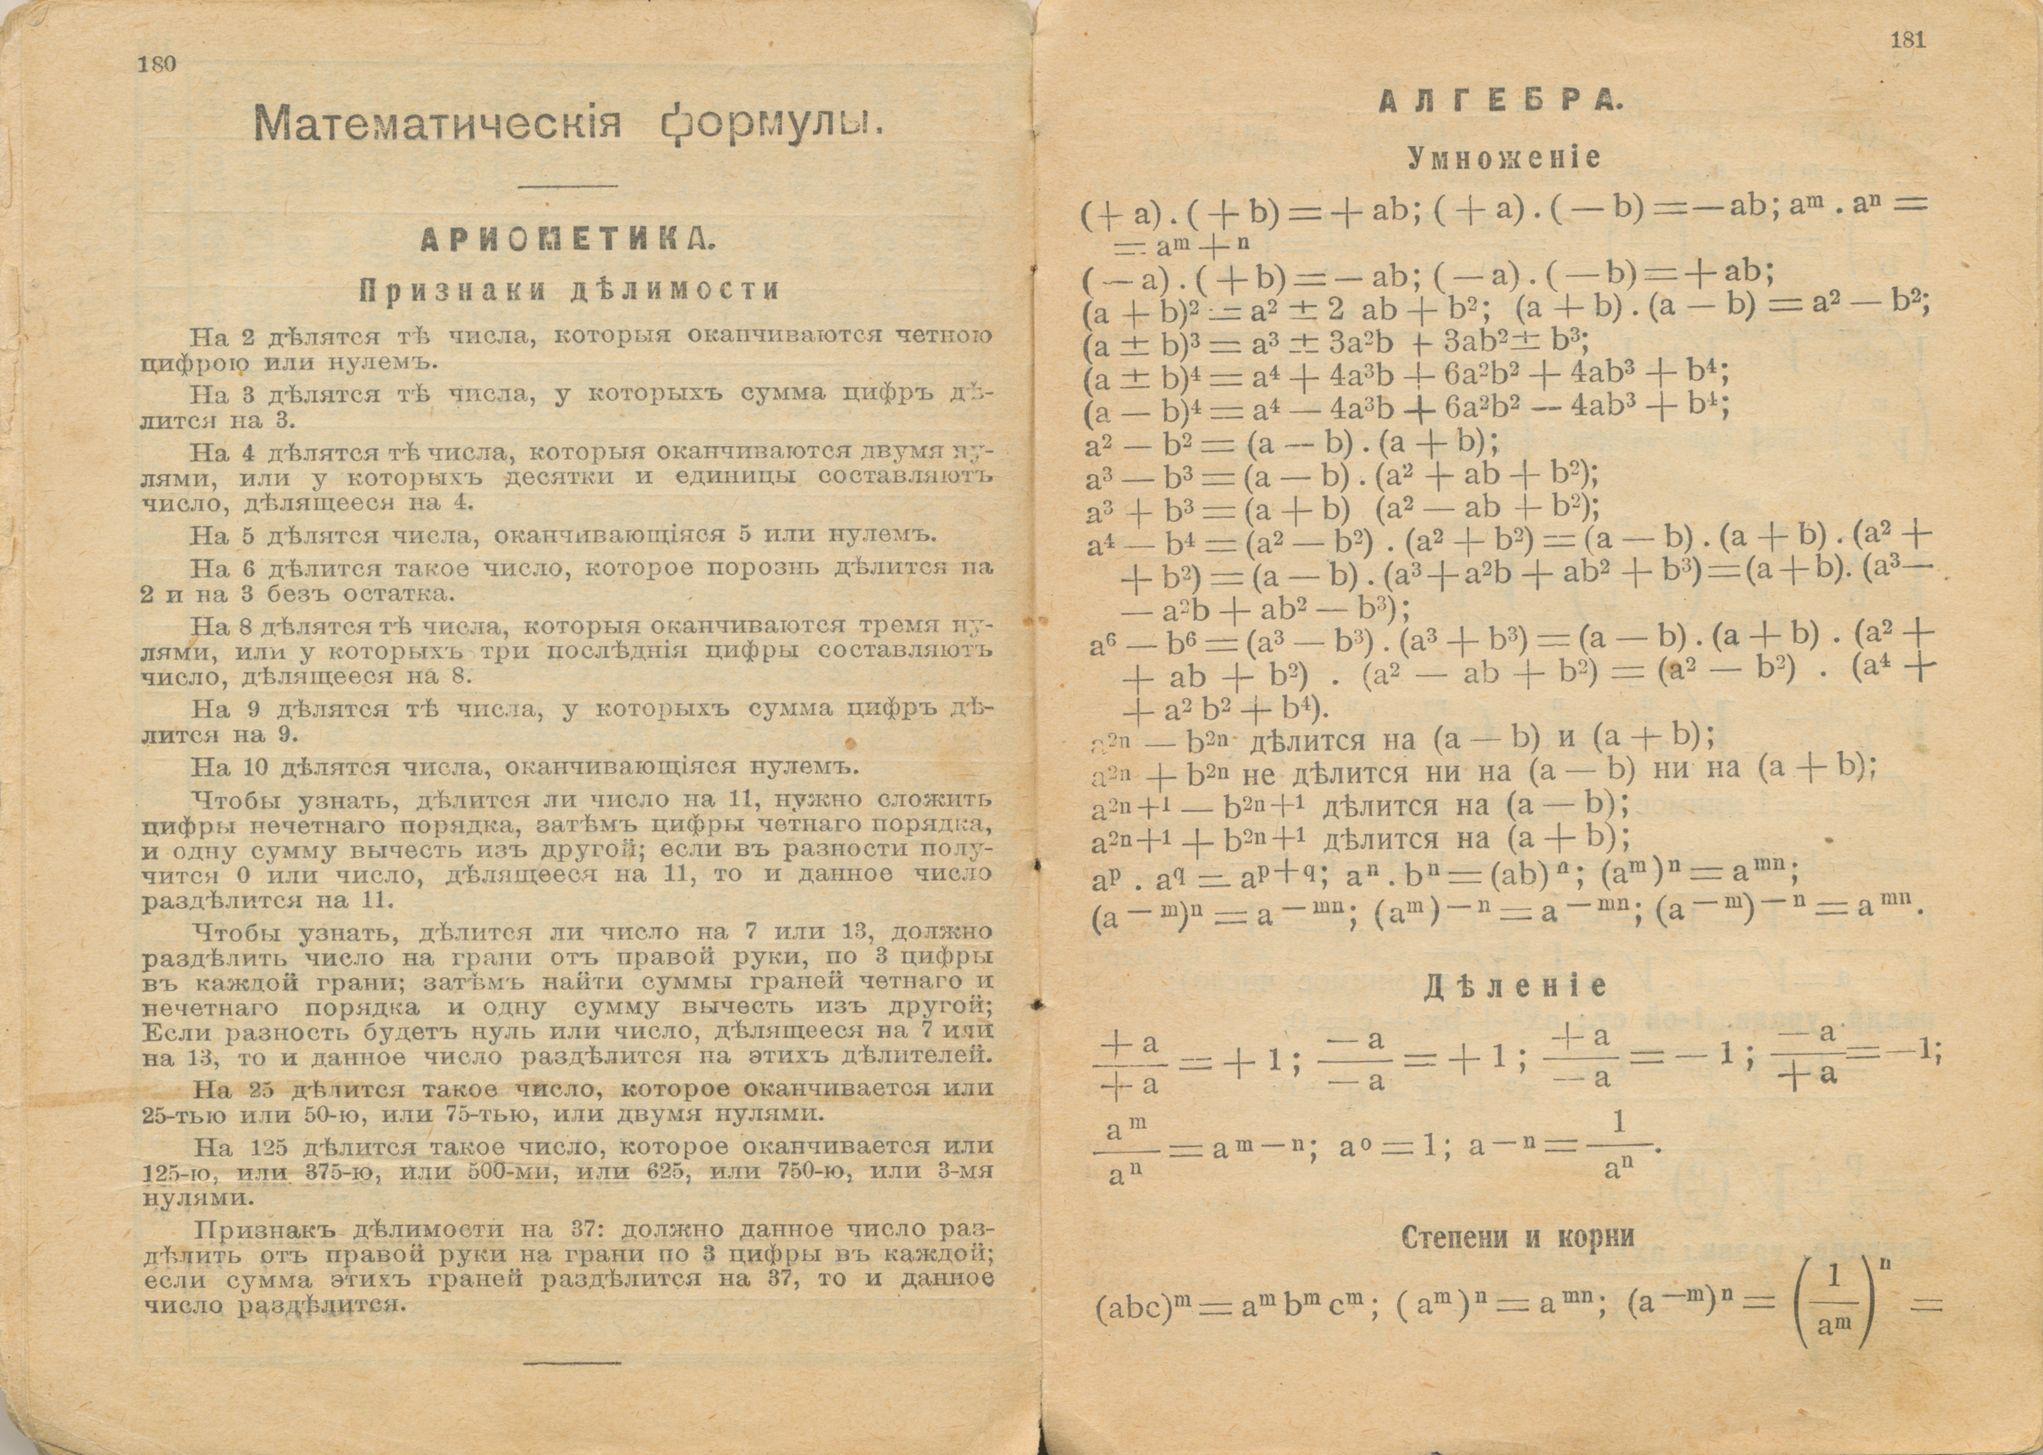 1 сентября 110 лет назад: тригонометрия, курс доллара и бенгальские огни - 6